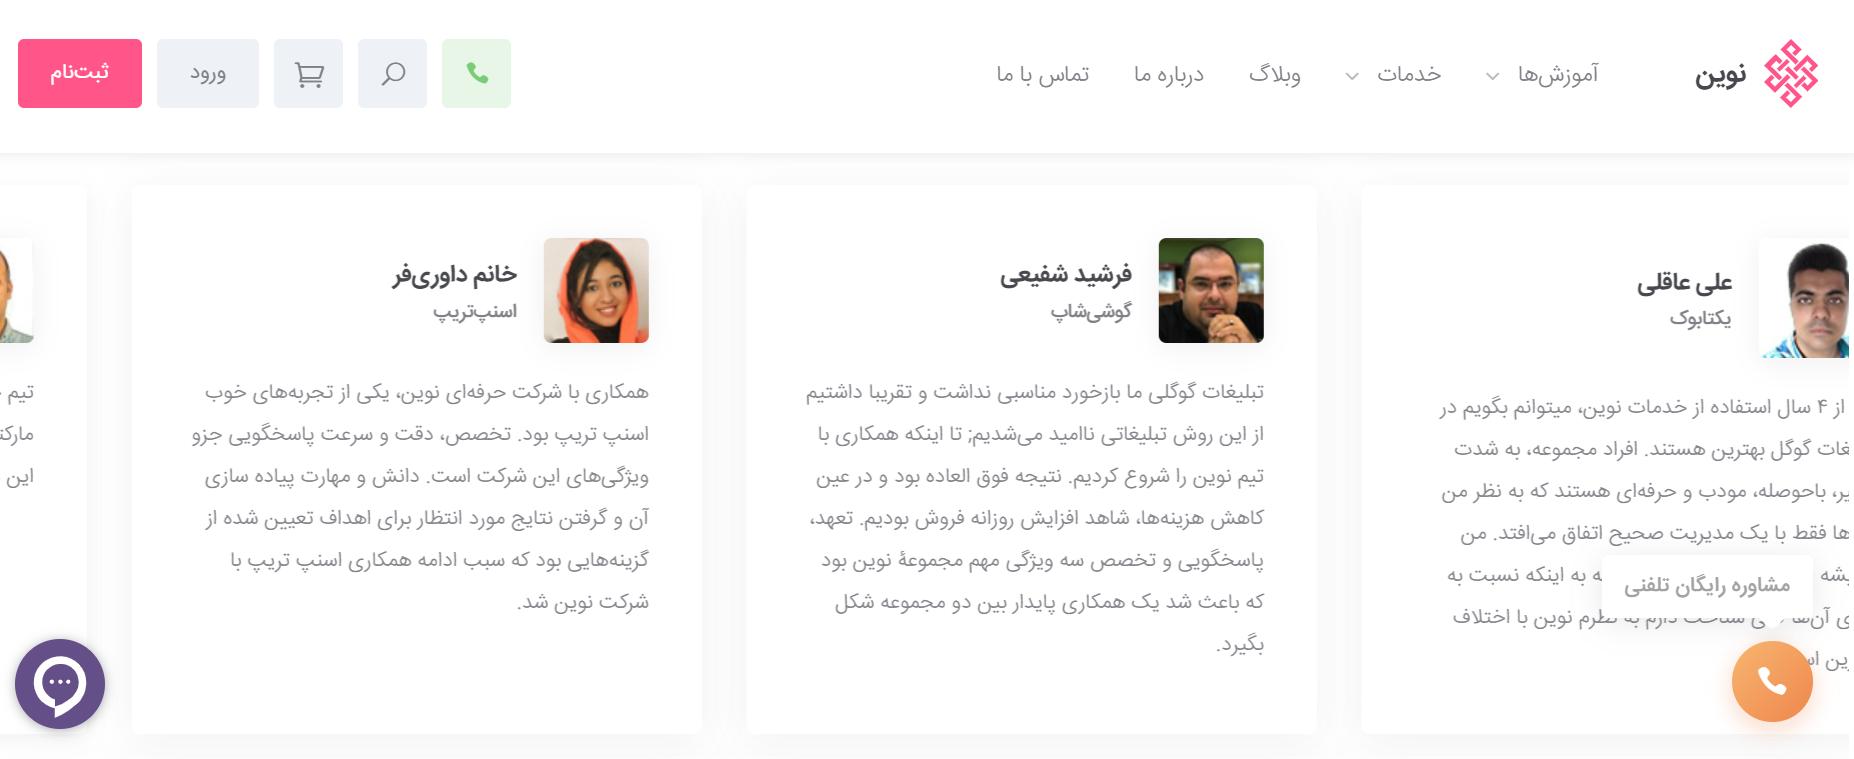 بهترین سایت های ایرانی تبلیغات گوگل نوین